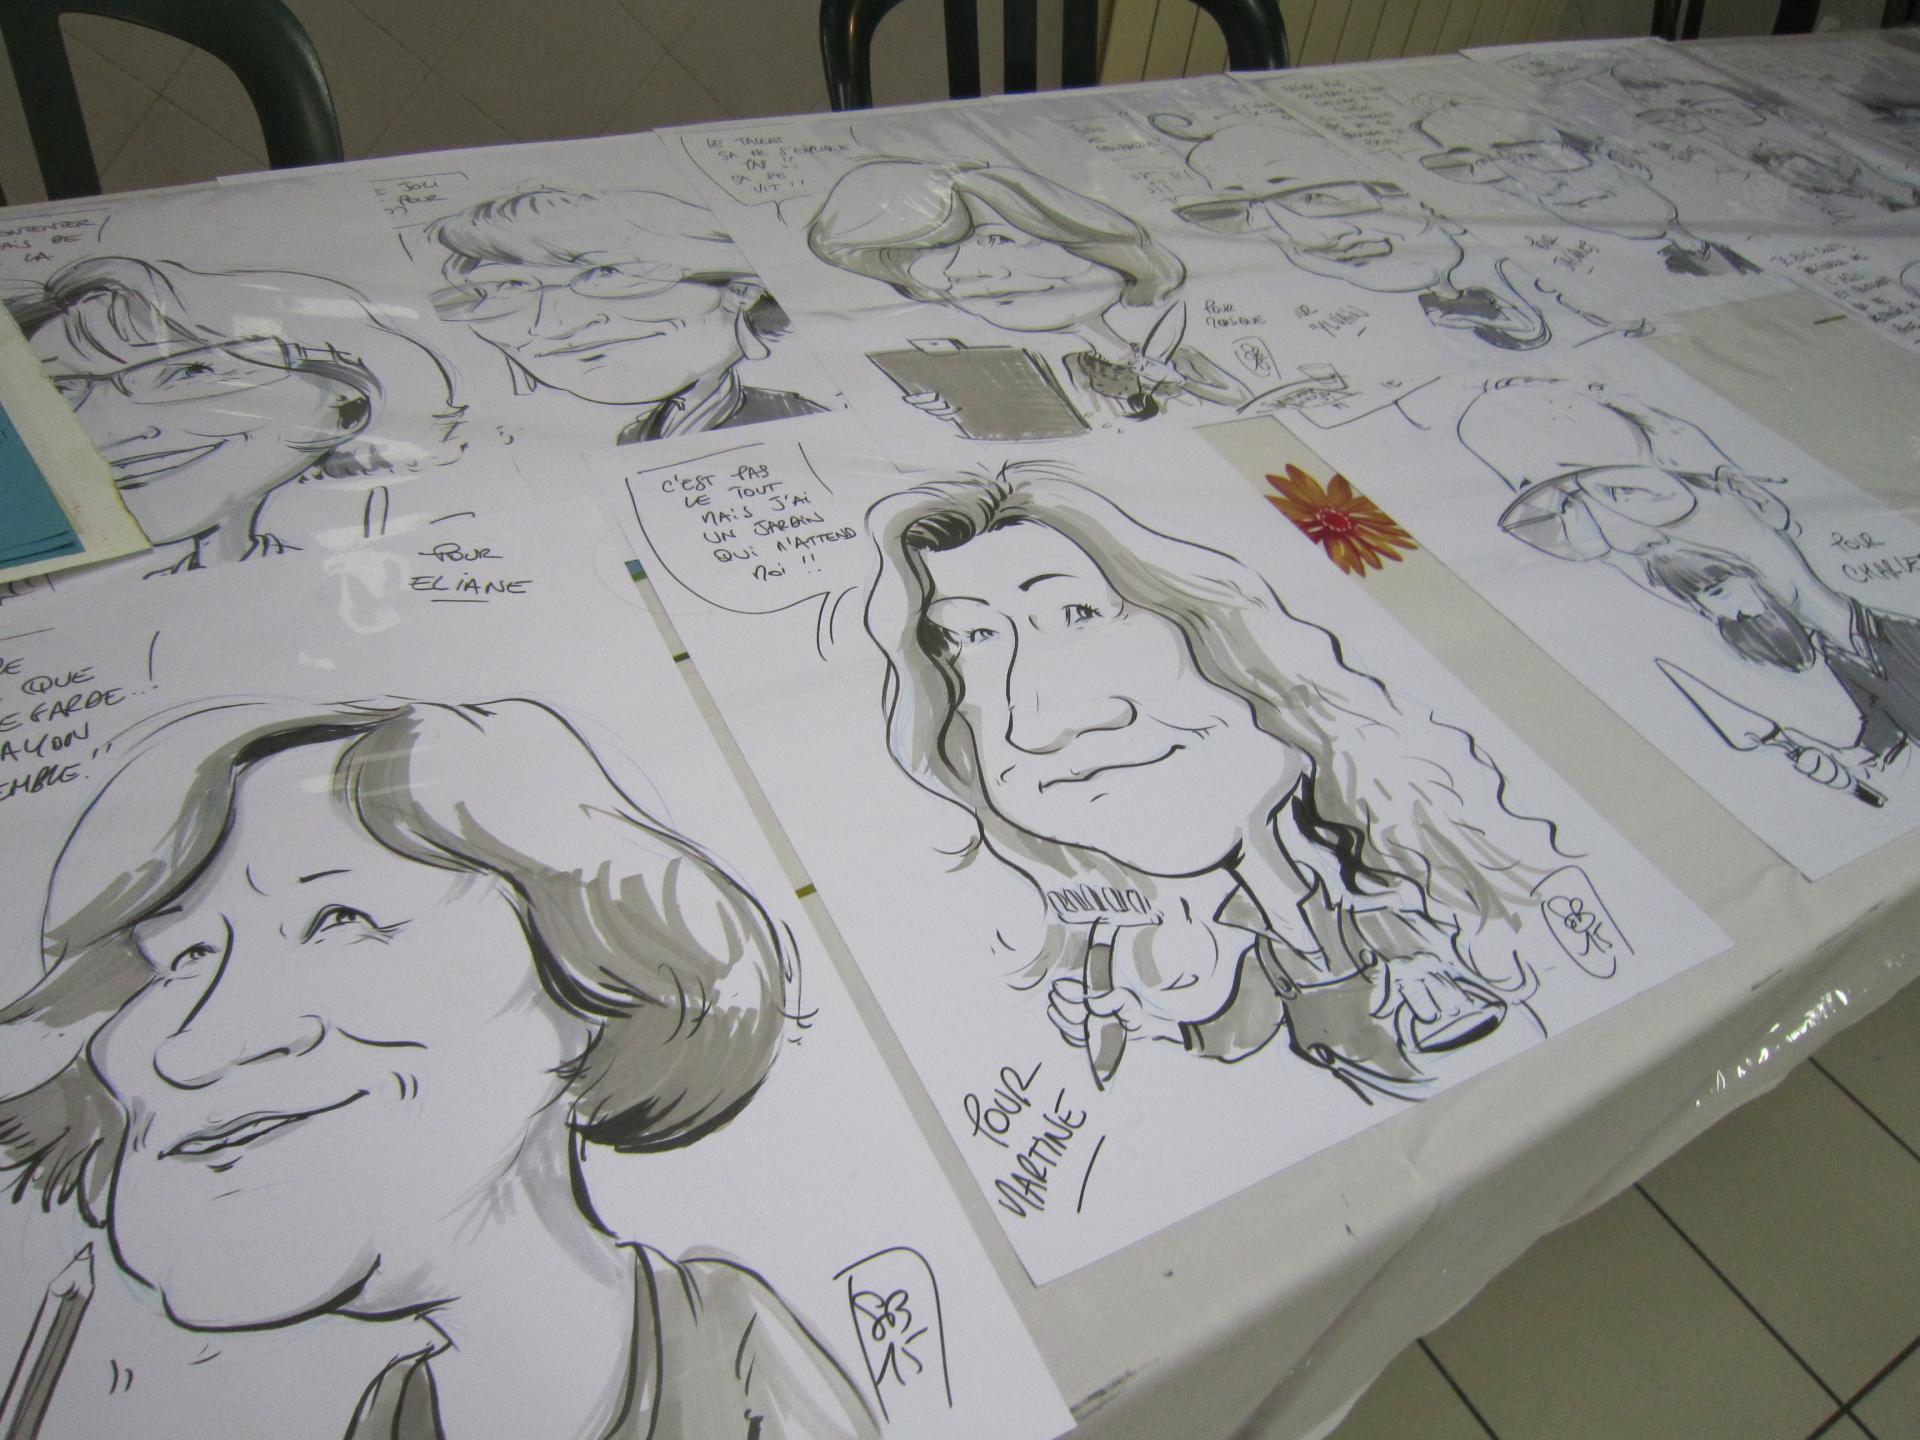 Les caricatures de claudine paccaud